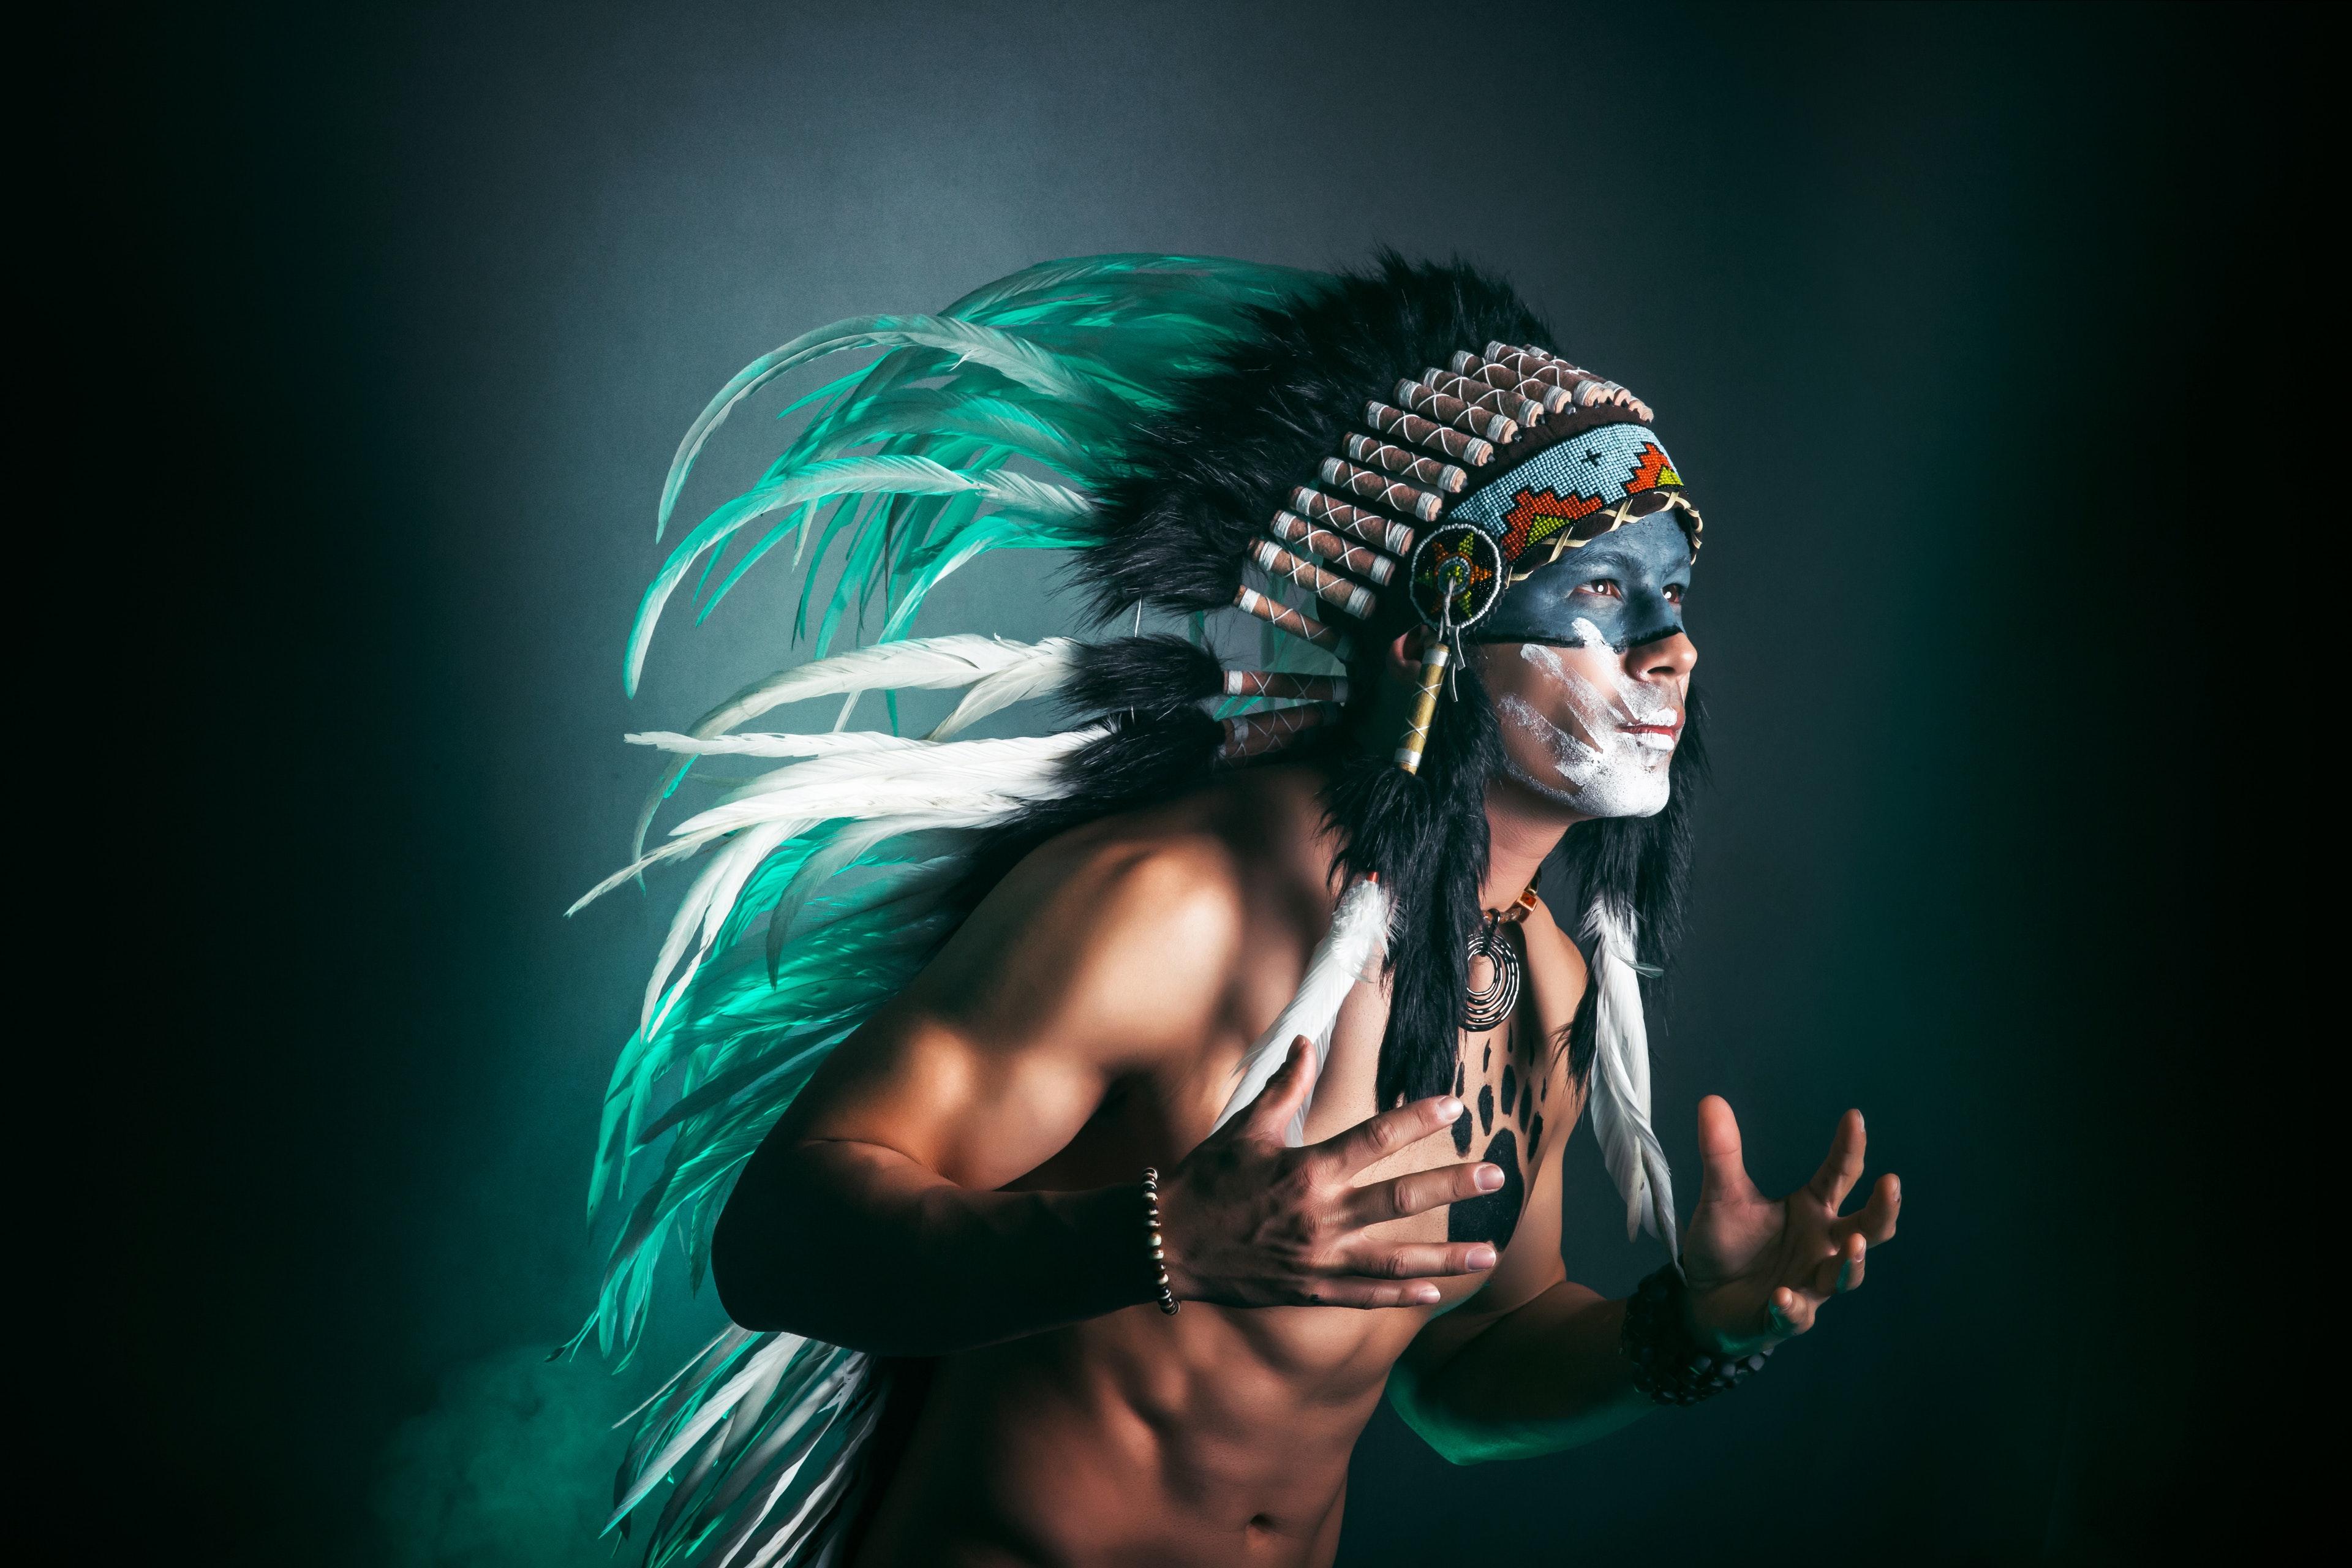 Best Native American Wallaper 4k Resolution 114657 Hd